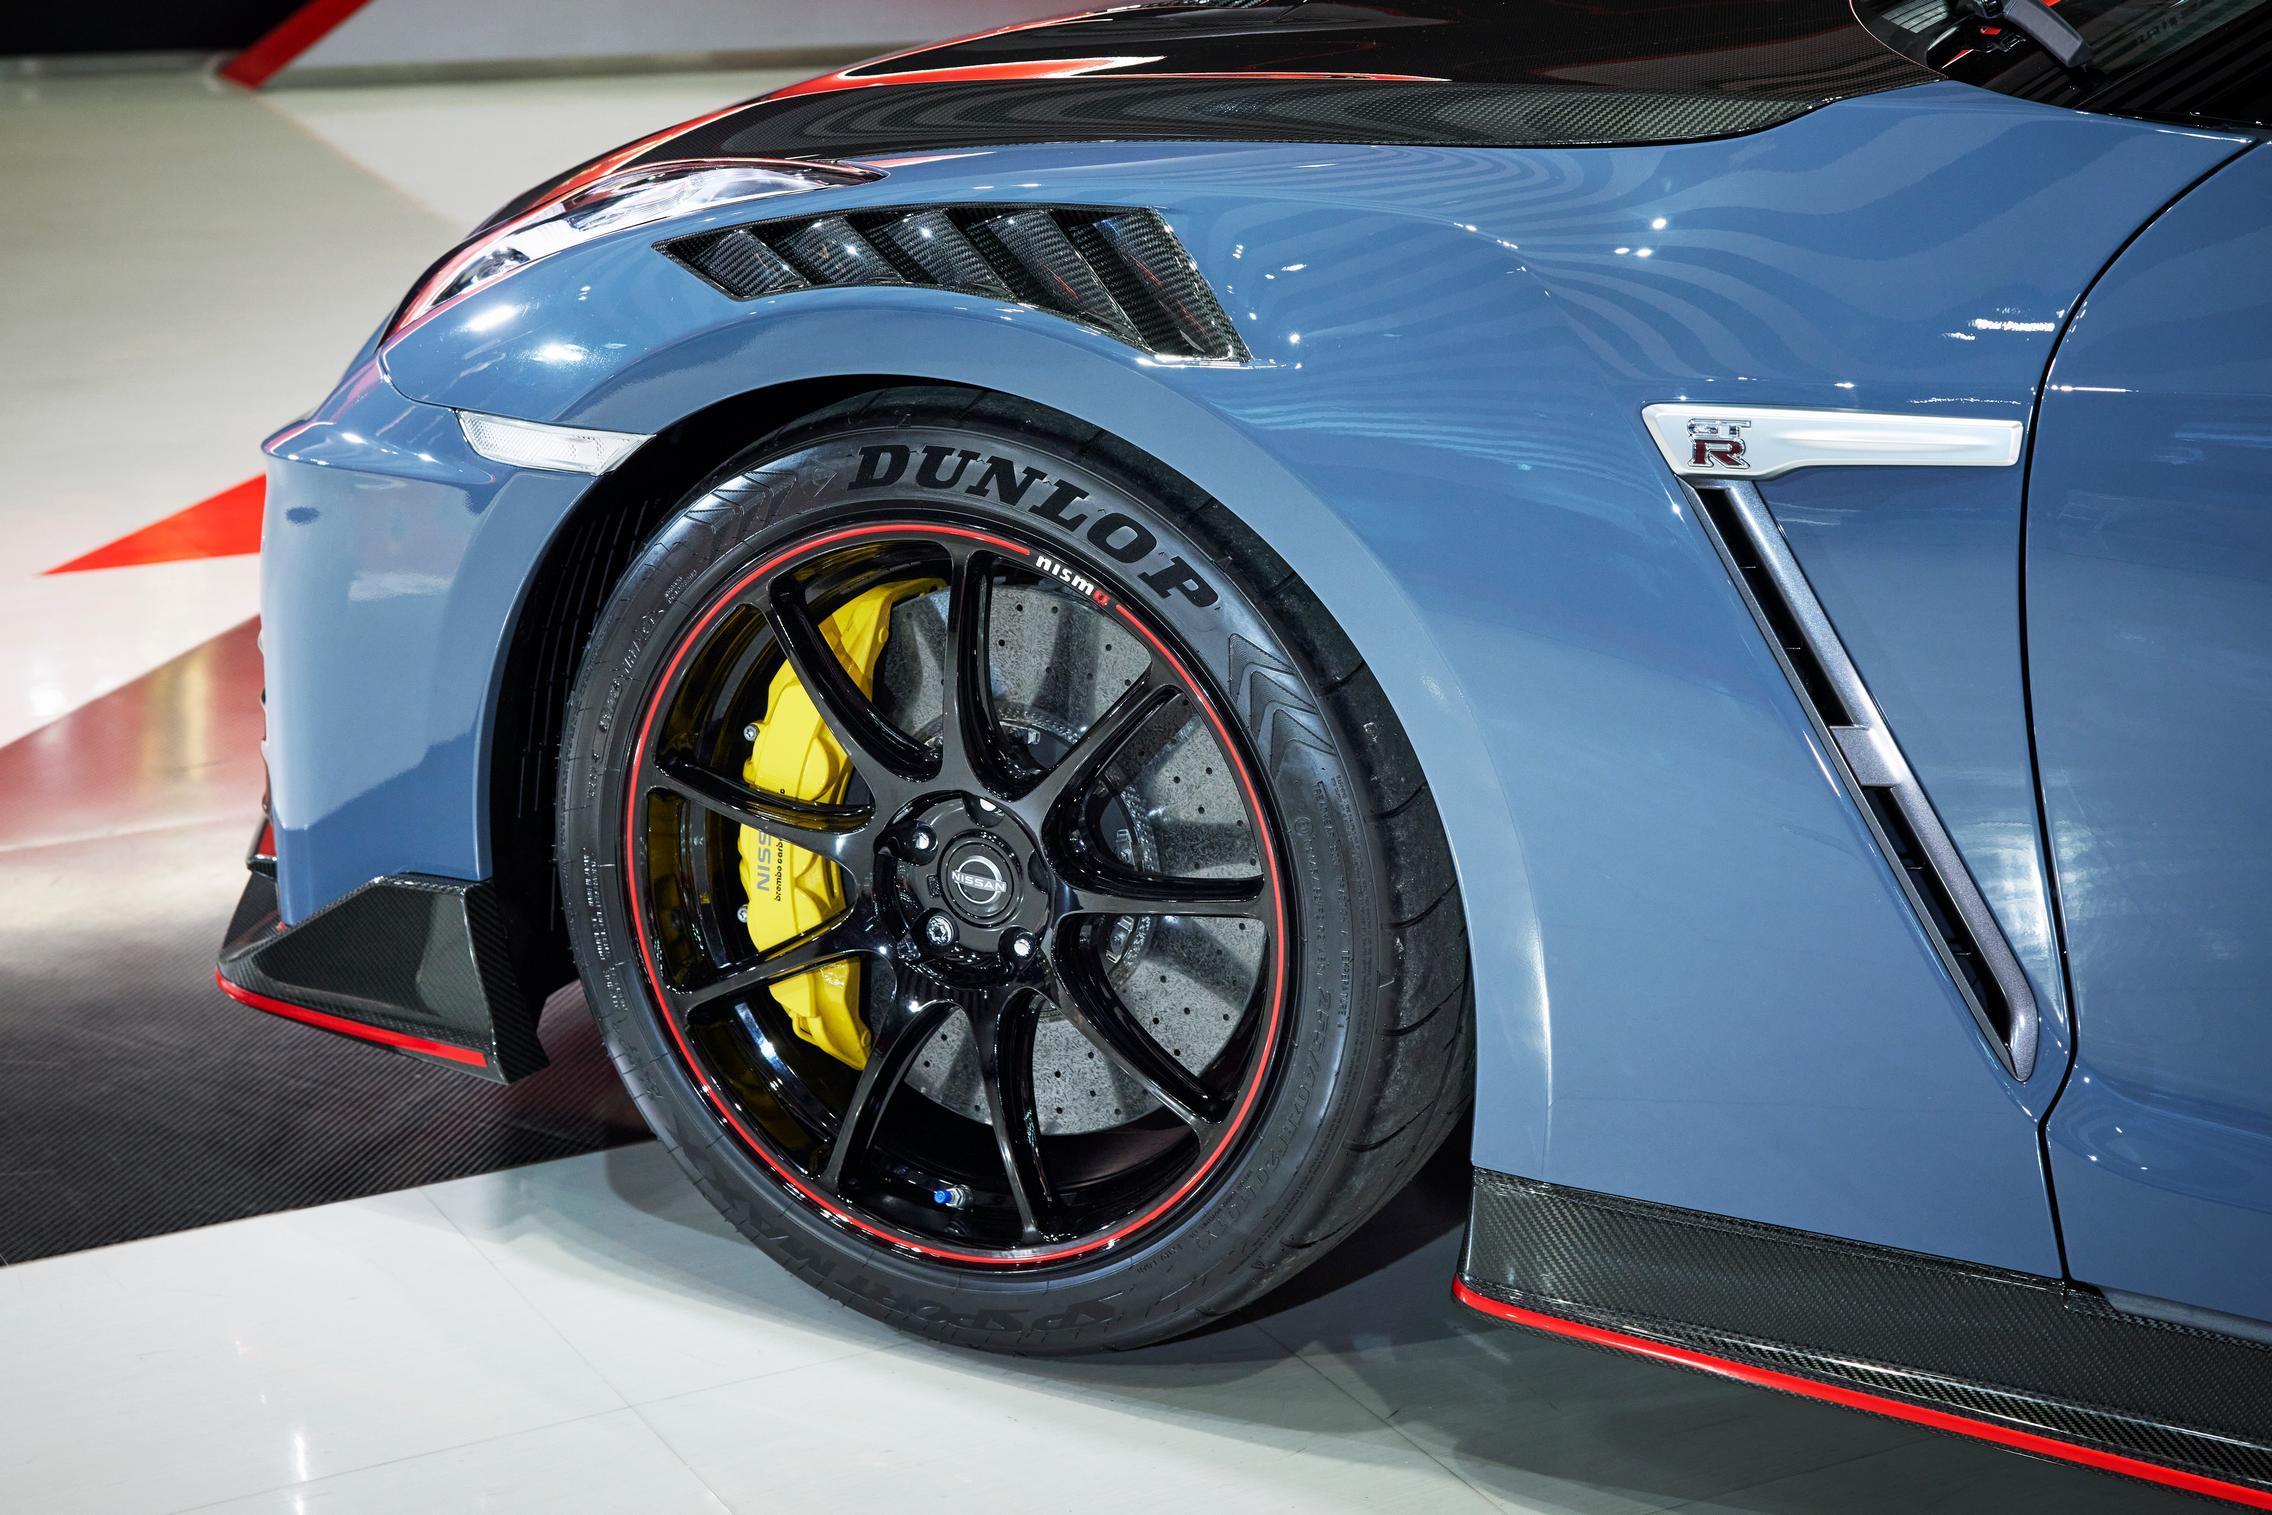 2022 Nissan GT-R Nismo wheels